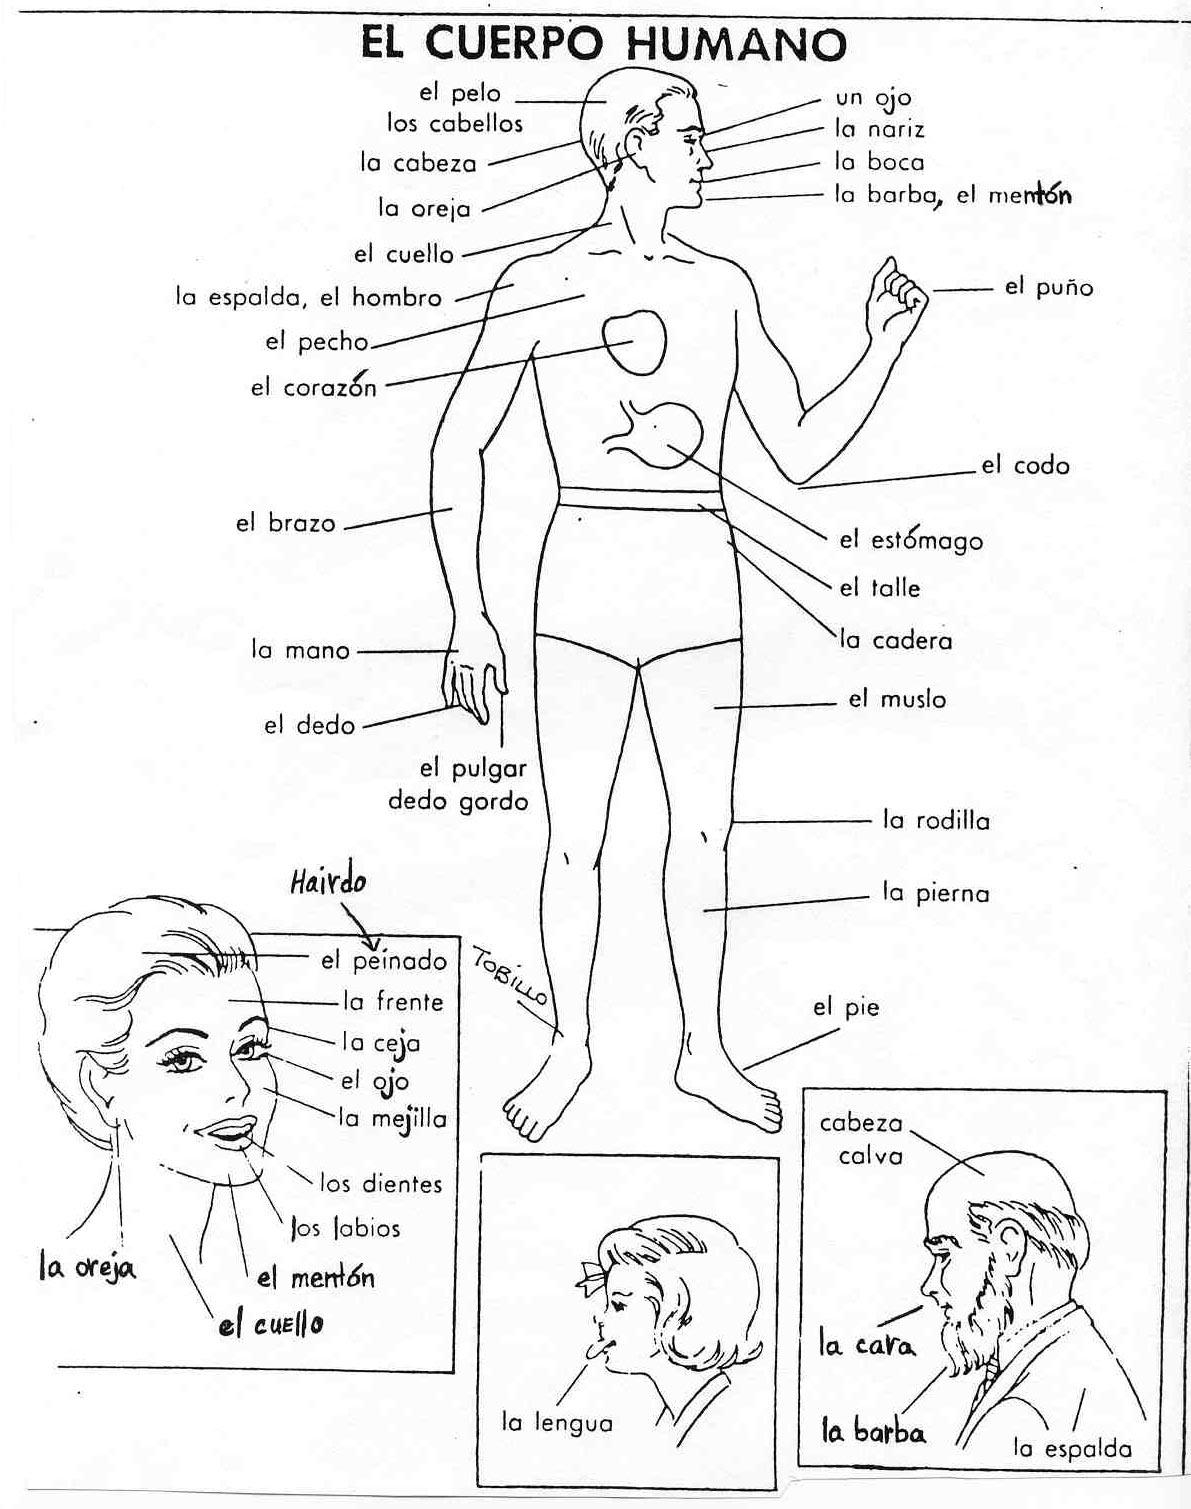 El Cuerpo Humano - ¿Conoces las partes del Cuerpo Humano?